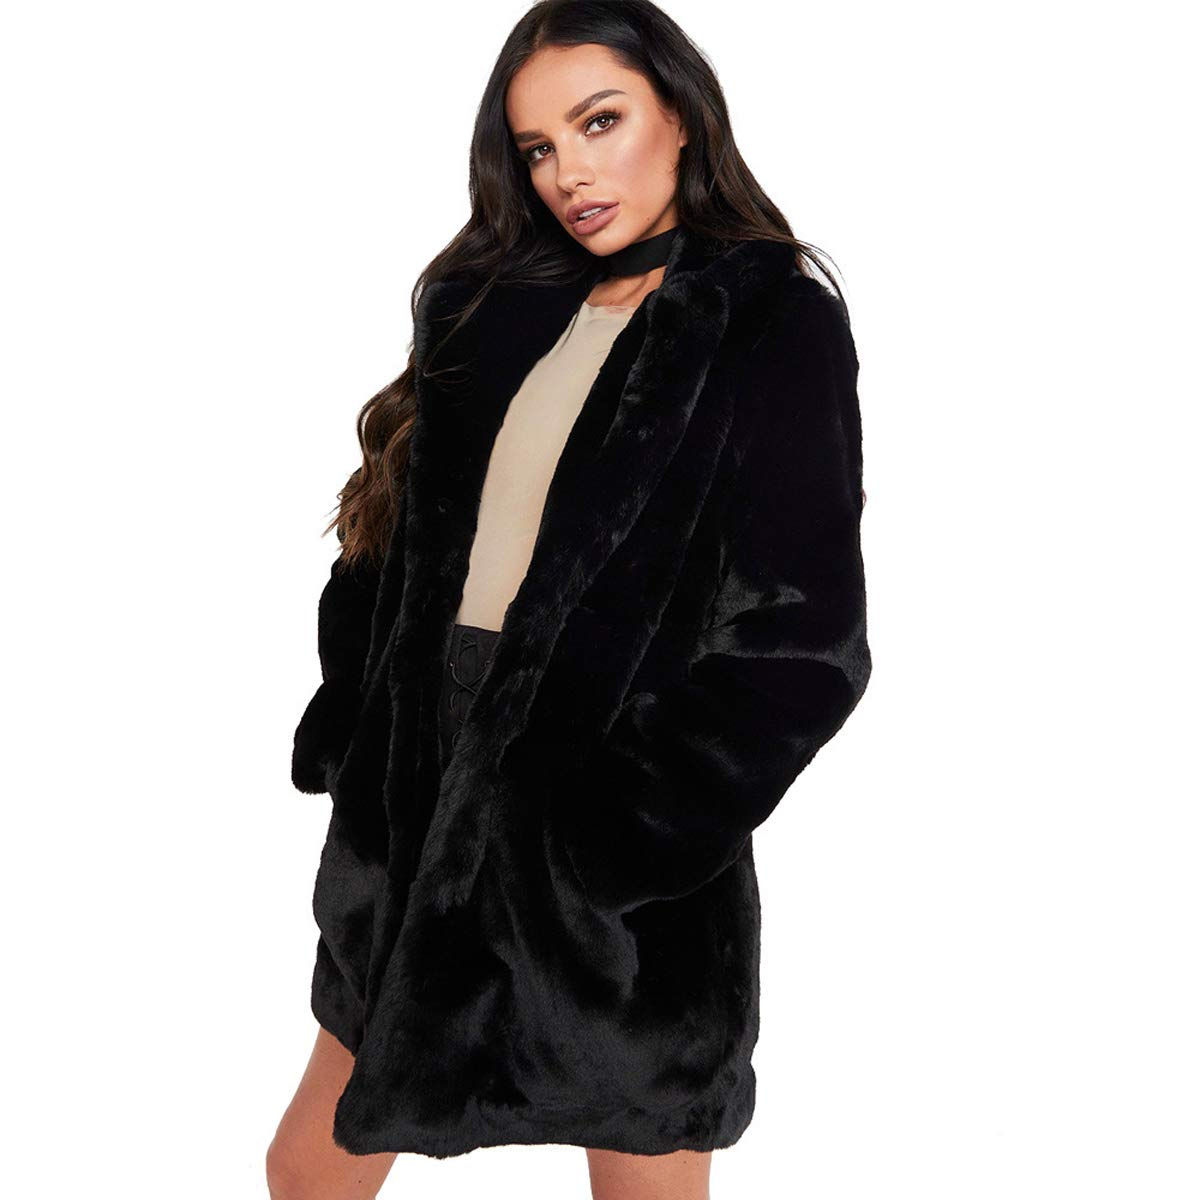 Black ZWWZ Women Faux Fur Casual Open Front Jackets Long Sleeve Warm Winter Lapel Coat Outerwear